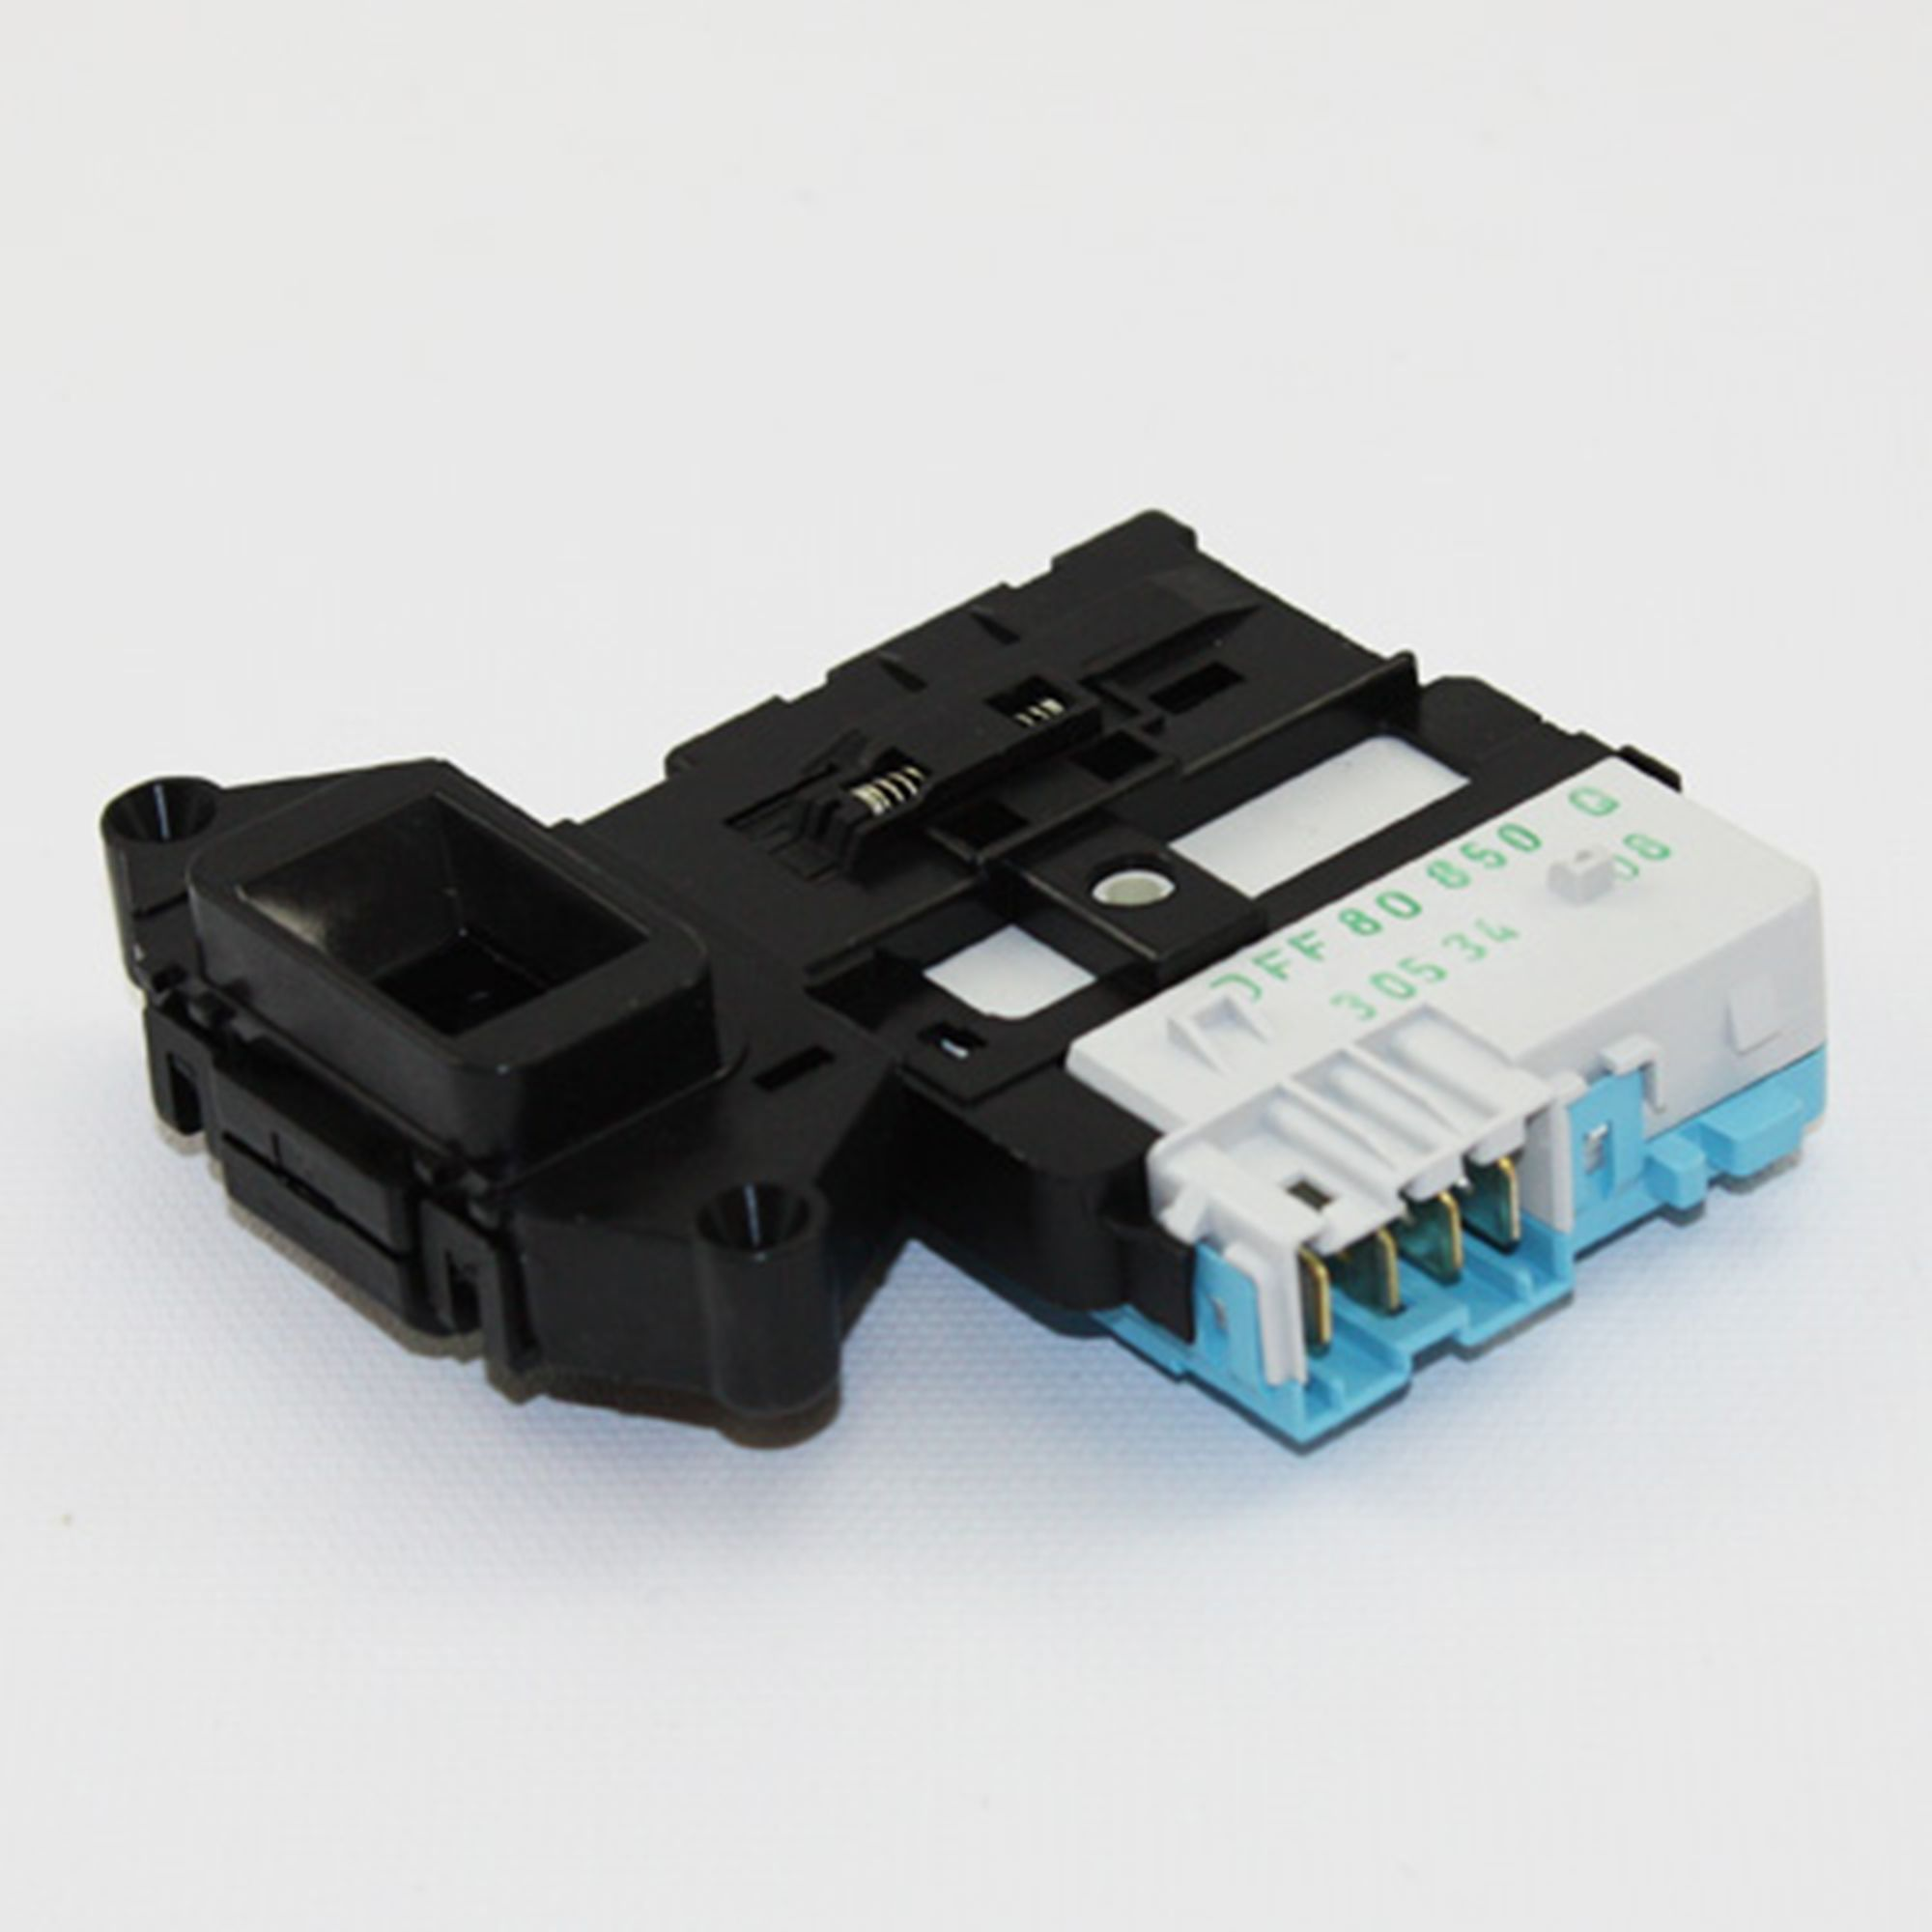 EBF49827801 For LG Washing Machine Door Lock Switch